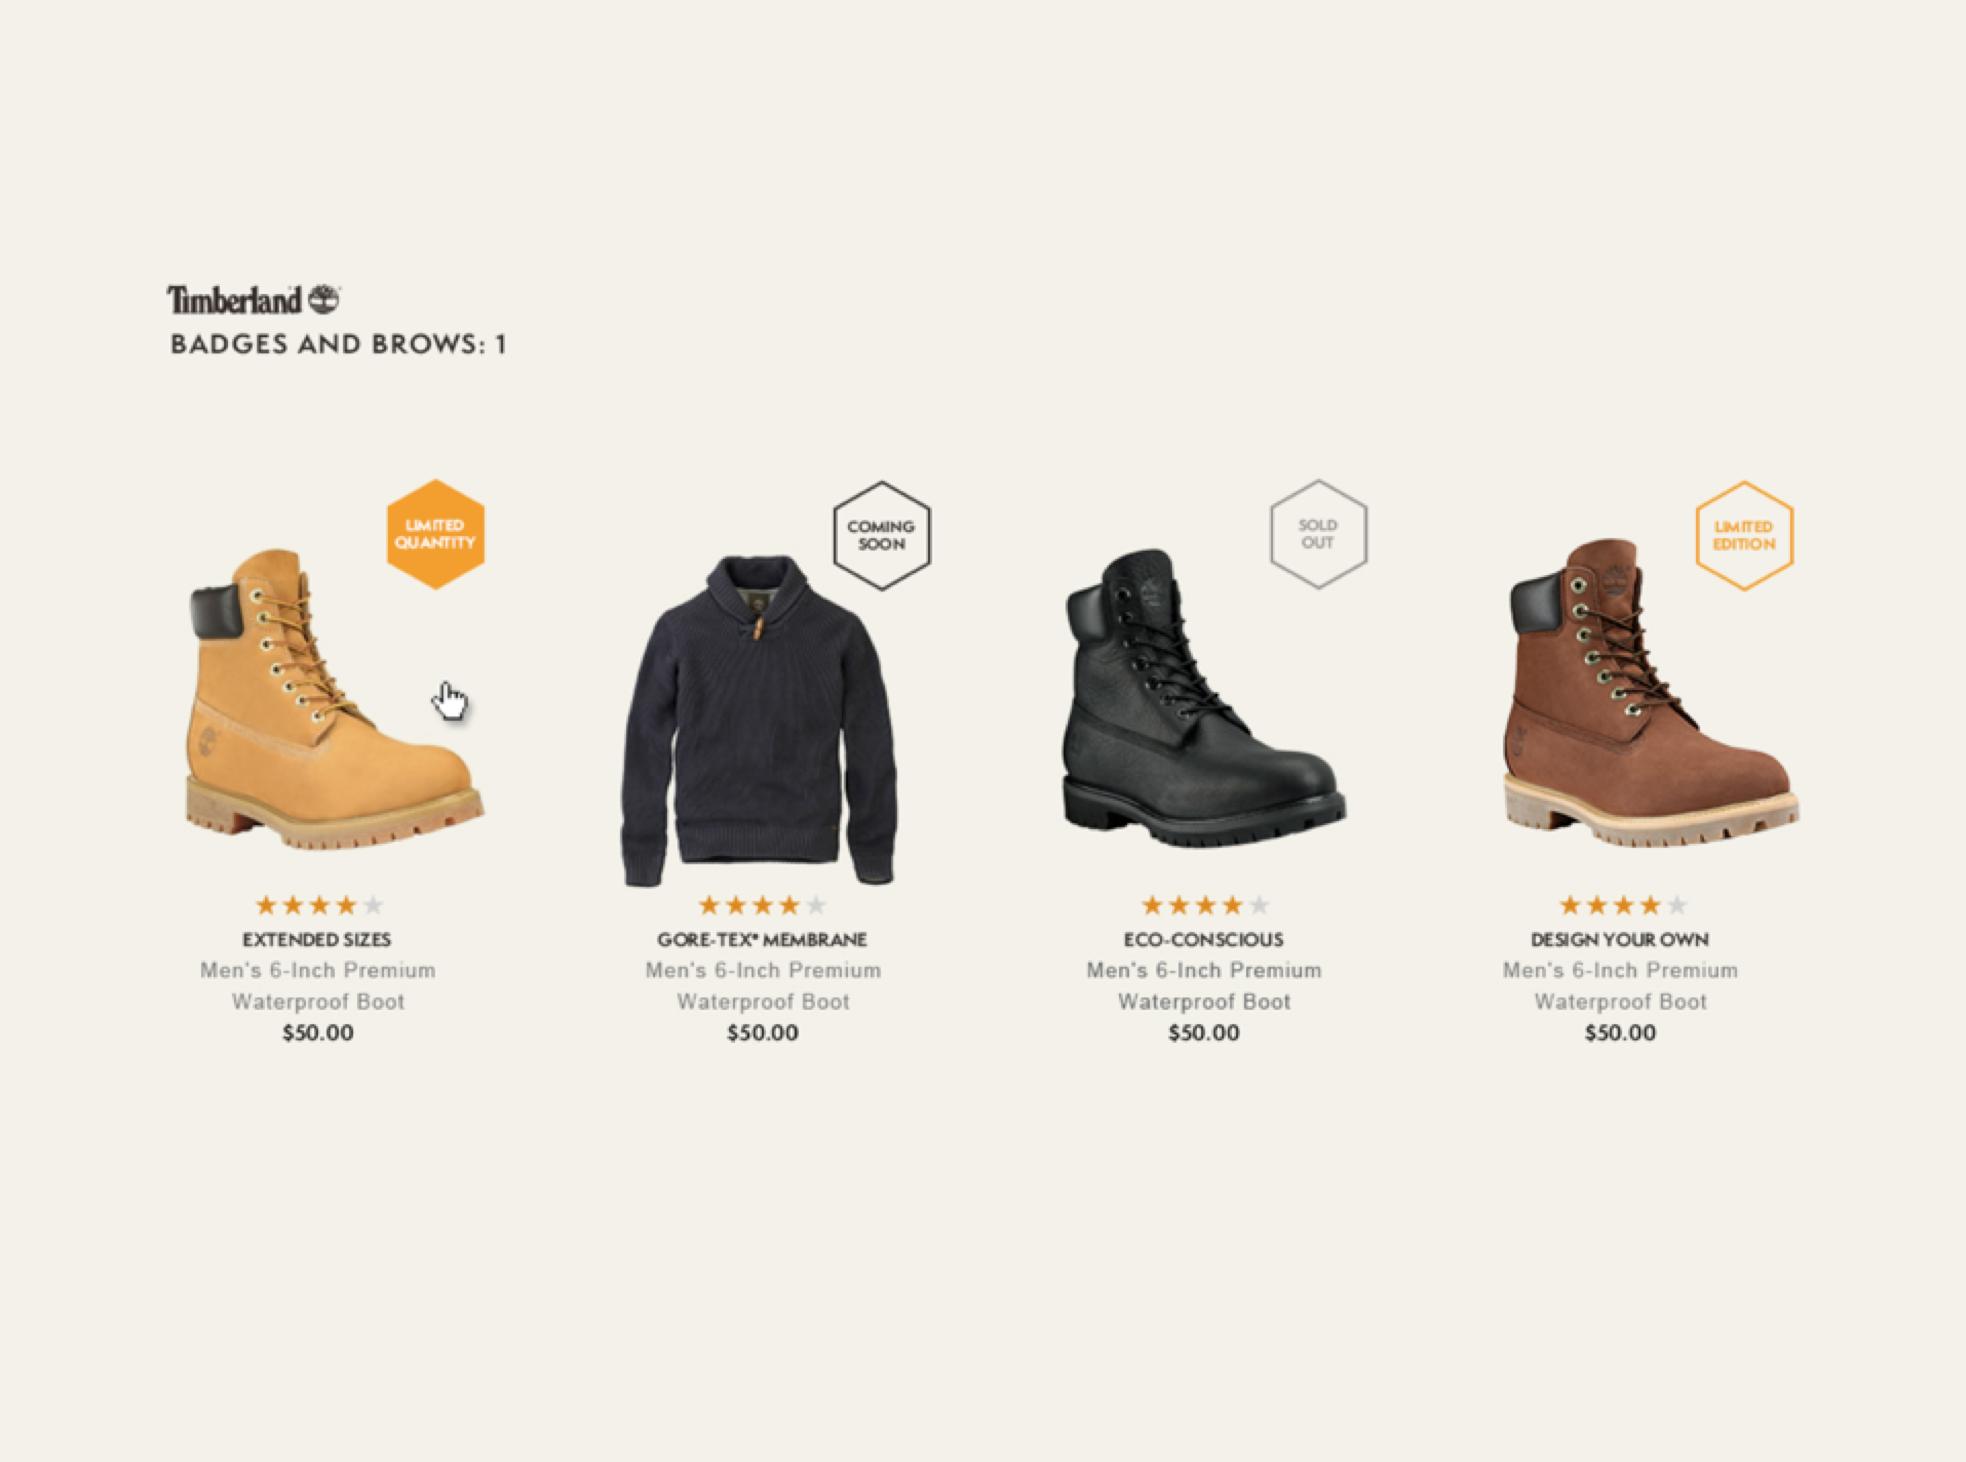 Timberland - Web Styles